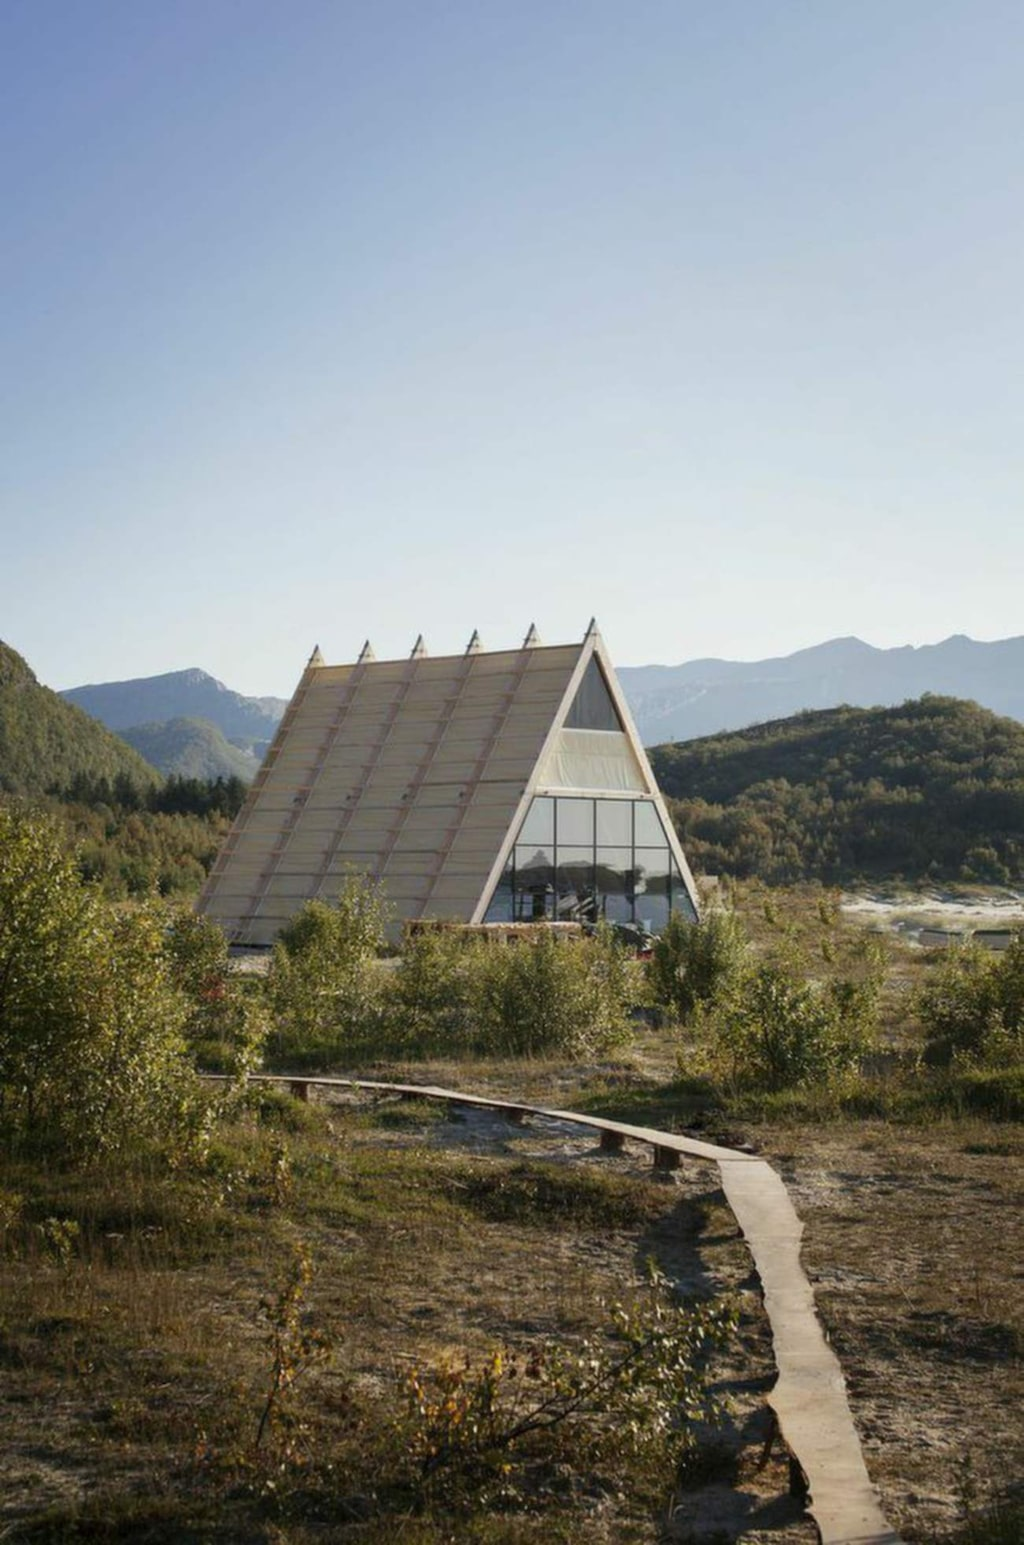 <p>Agora är en del av konst- och kulturprojektet SALT.</p><p><em>Salt Sauna, Bodö, Norge, (c) Marte Antonsen, salted.no</em></p>